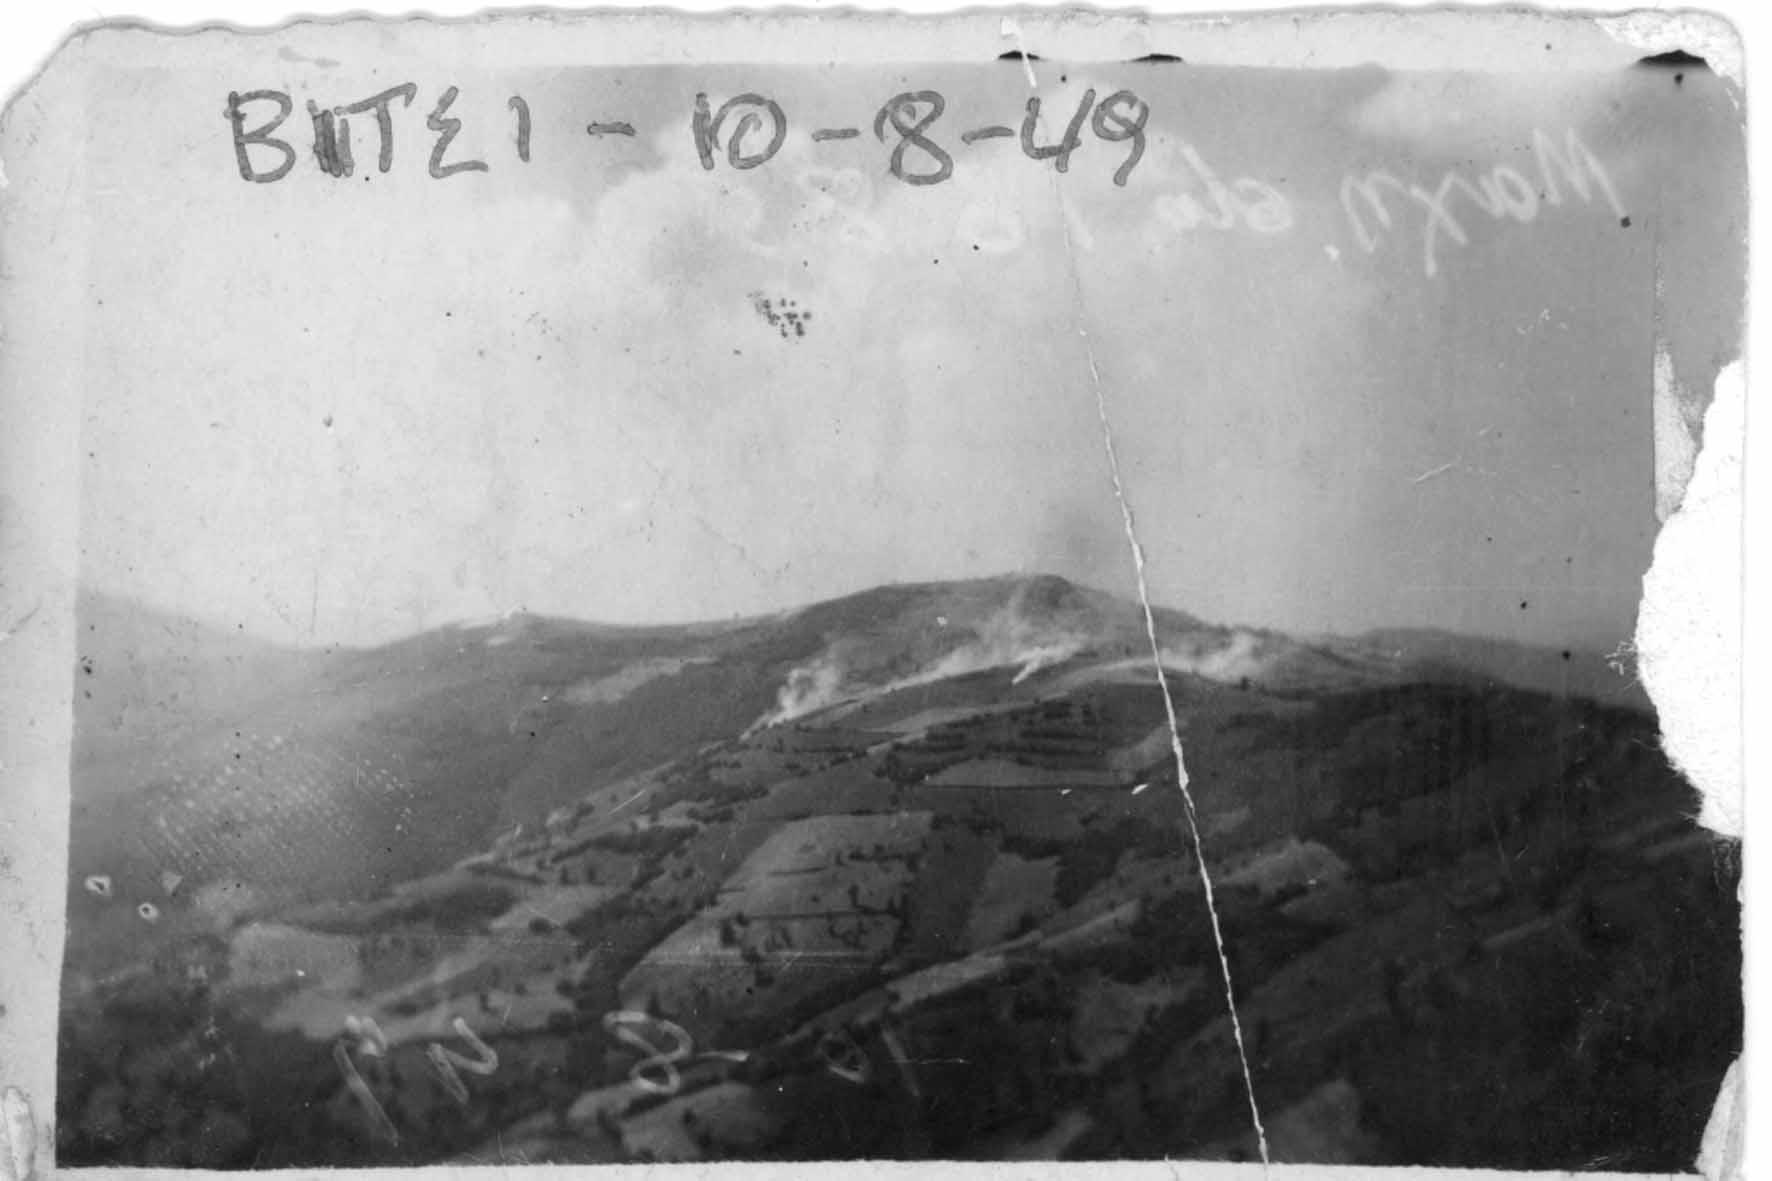 Τα υψώματα Πολενάτας και 1685 βάλλονται από τον ΕΣ πριν την εκδήλωση της επίθεσης το πρωί της 10/8/1949